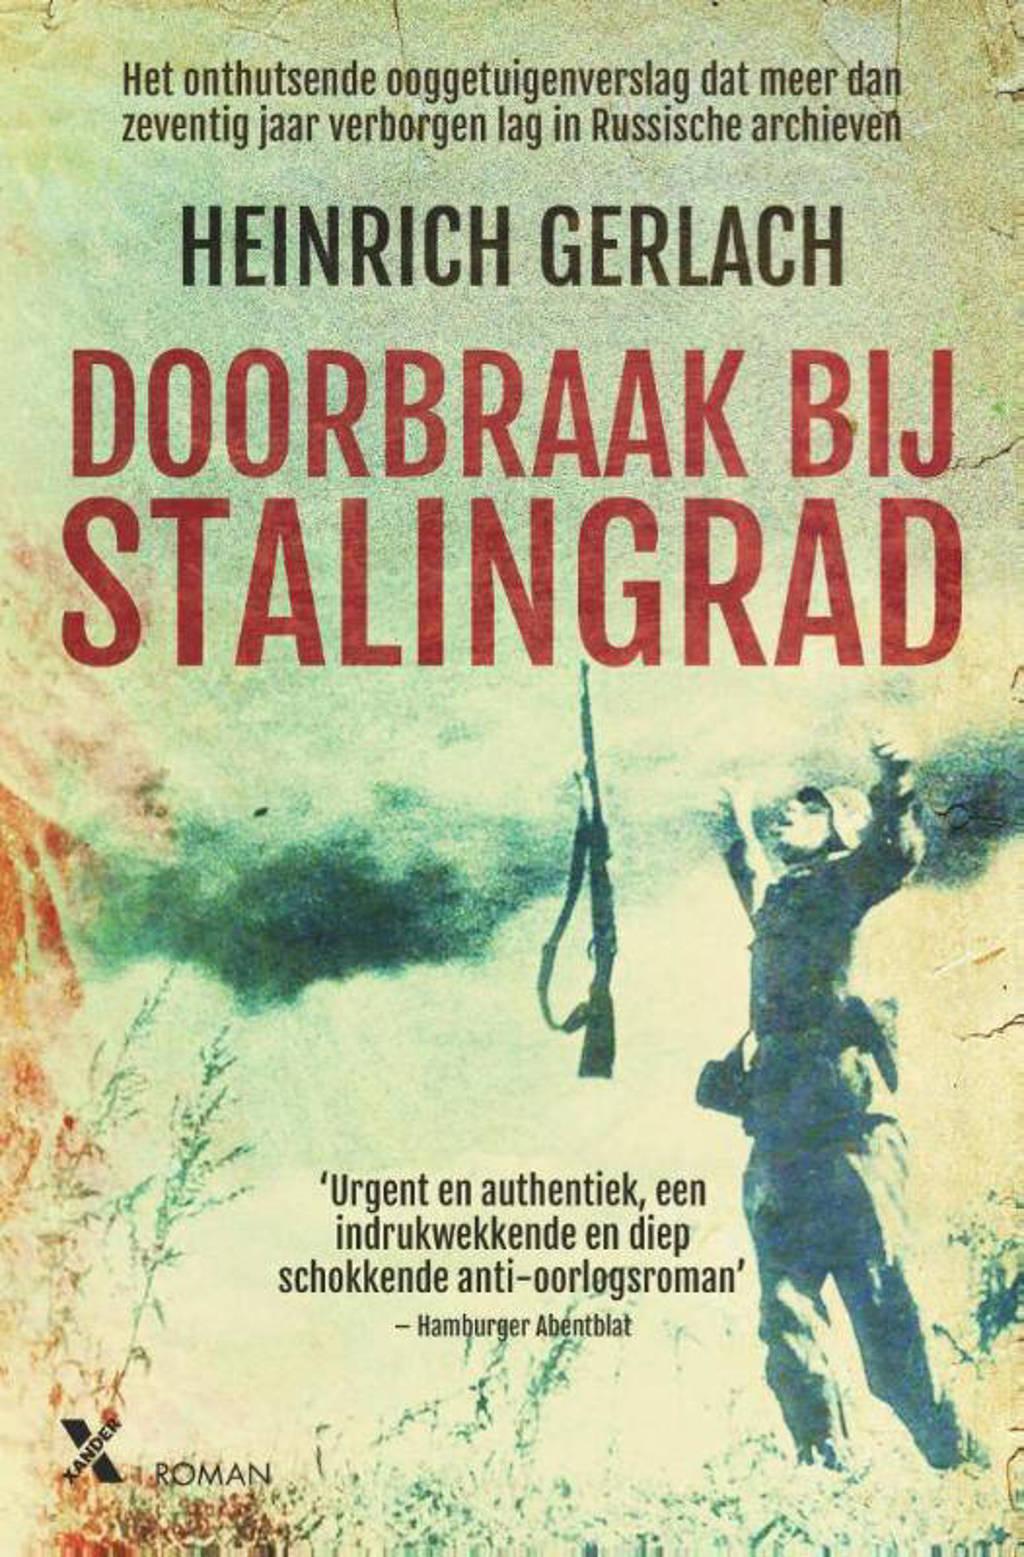 Doorbraak bij Stalingrad - Heinrich Gerlach